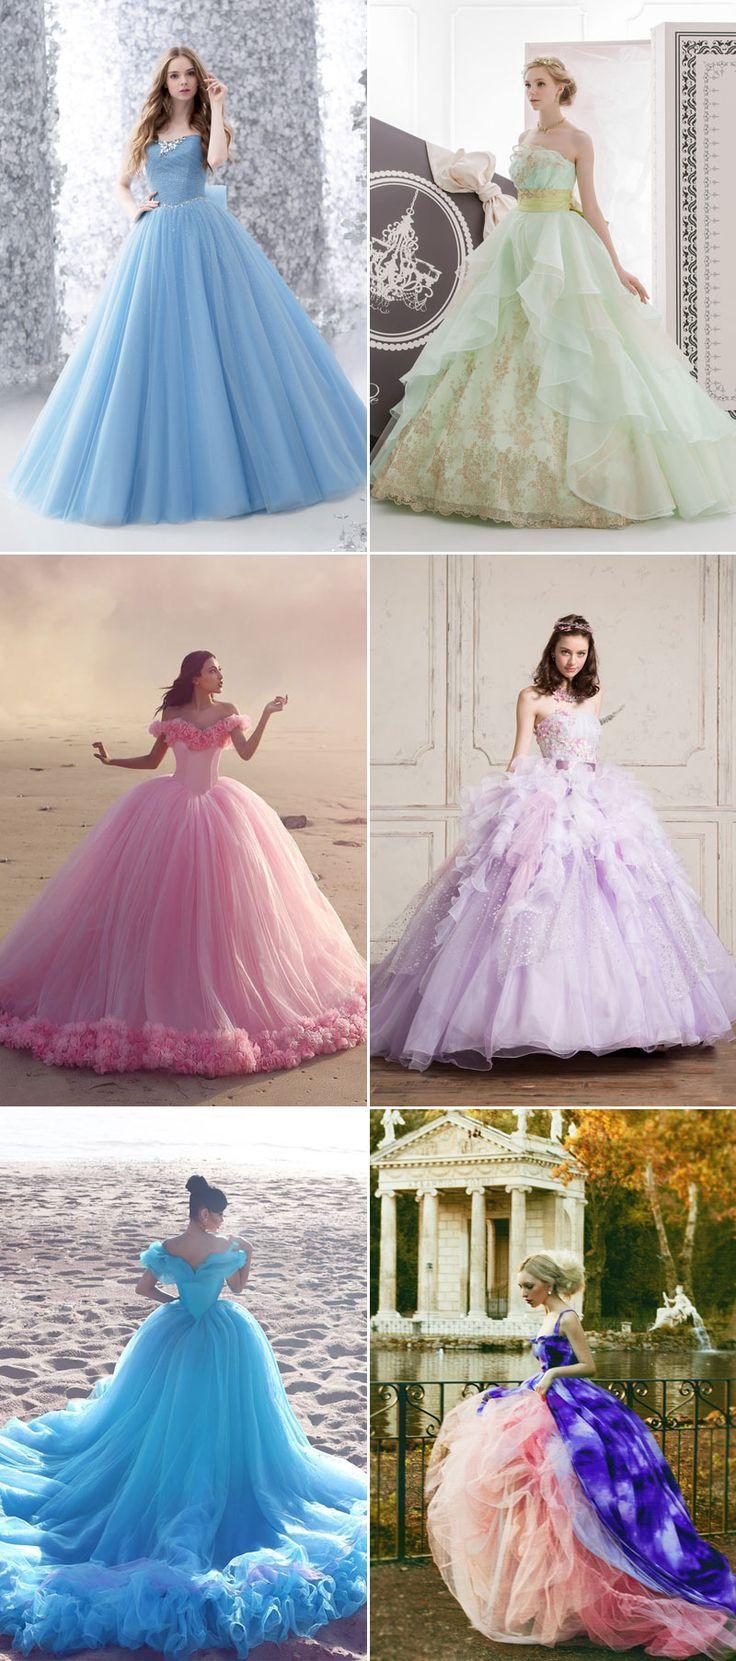 ae3053fde7 27 Princess-worthy Ball Gowns That Define Regal Elegance! - Praise Wedding